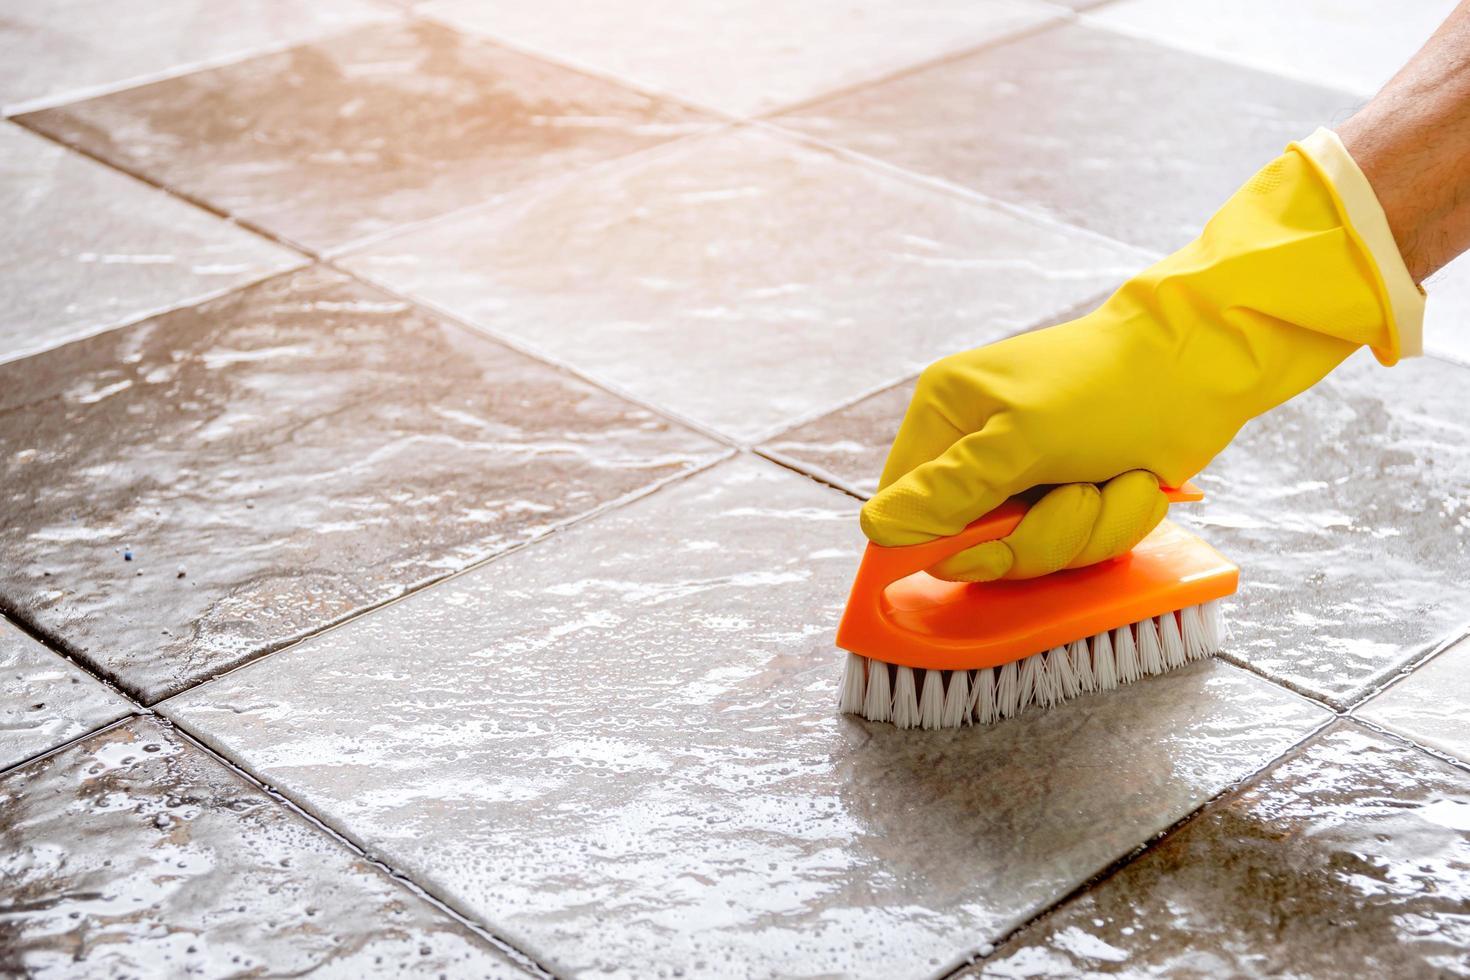 met behulp van een plastic vloer scrubber om de tegelvloer te schrobben. foto